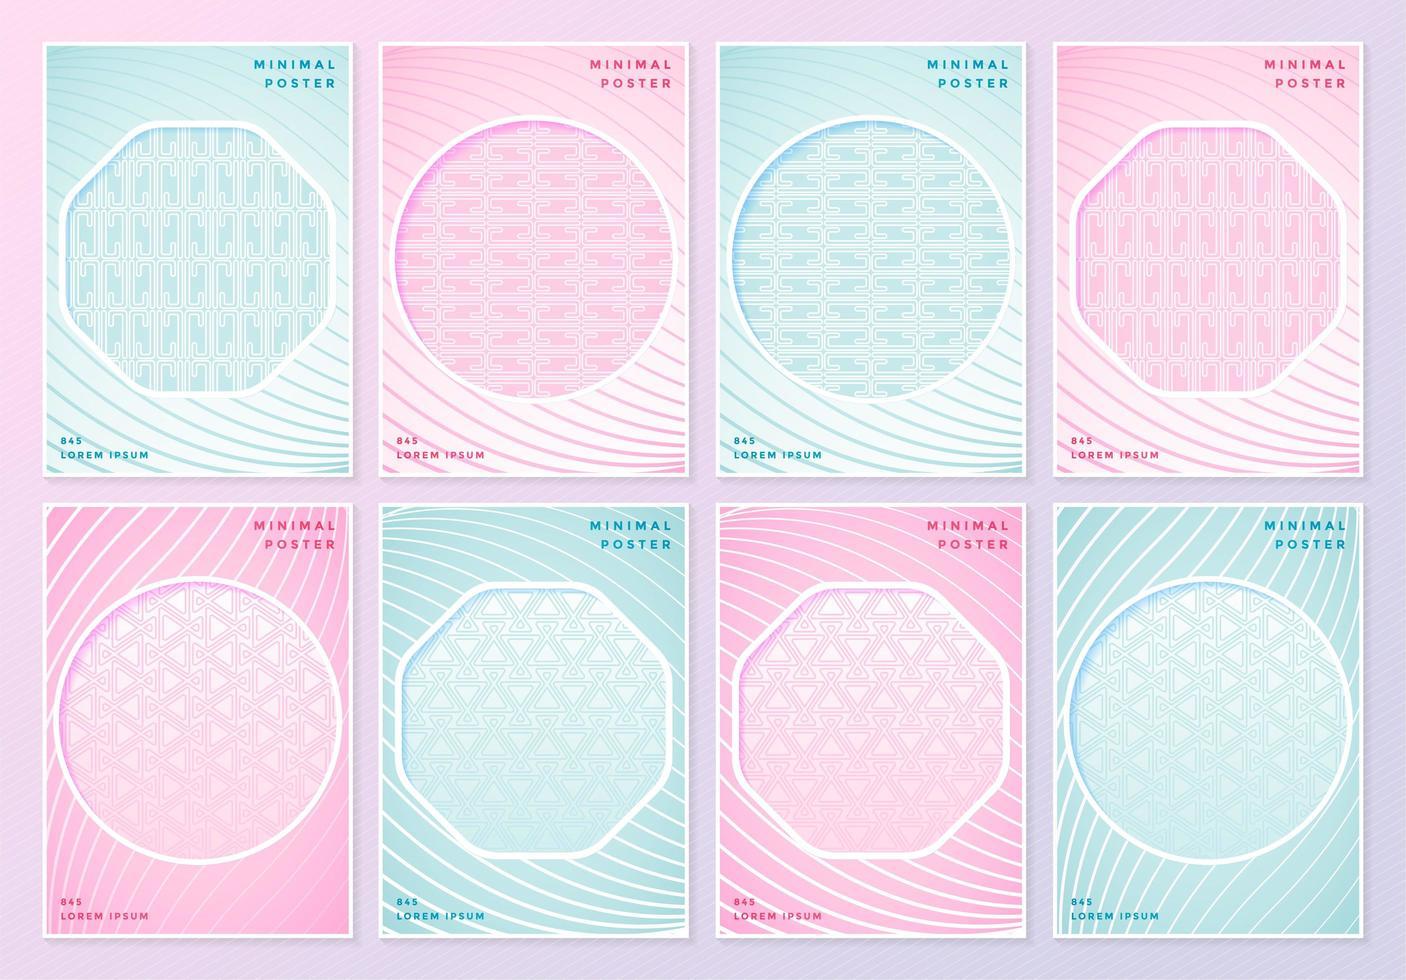 carteles estampados rosas y azules con recortes geométricos vector